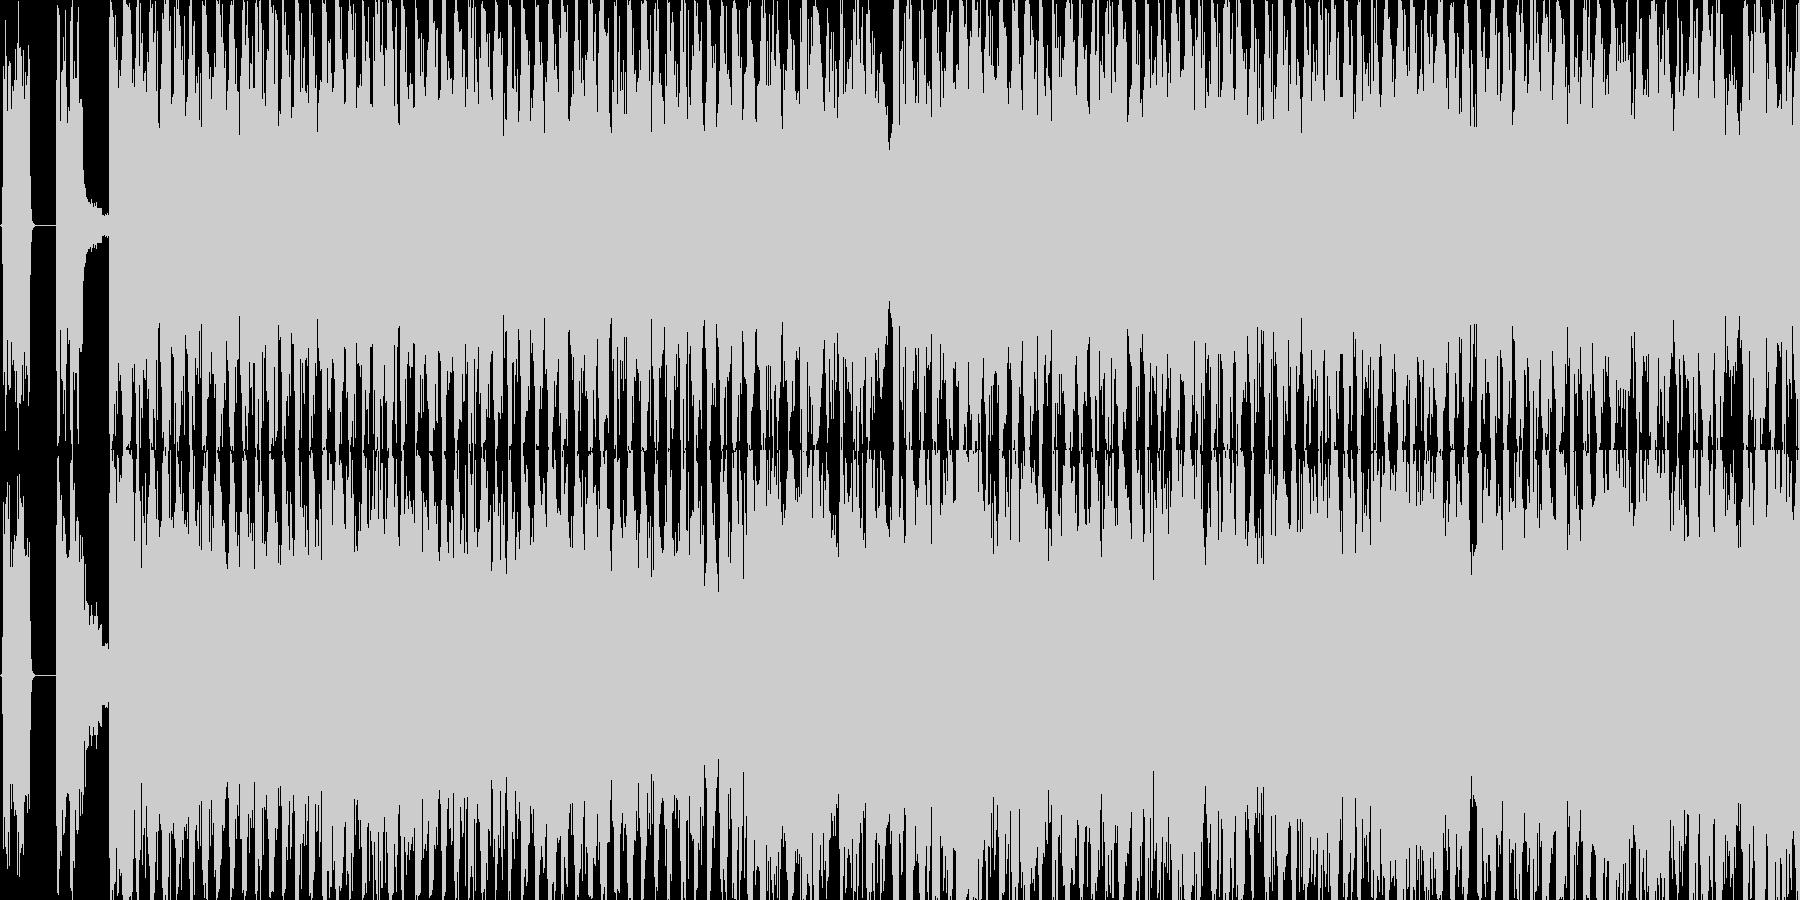 激しくメロディアスなロック・AOの未再生の波形